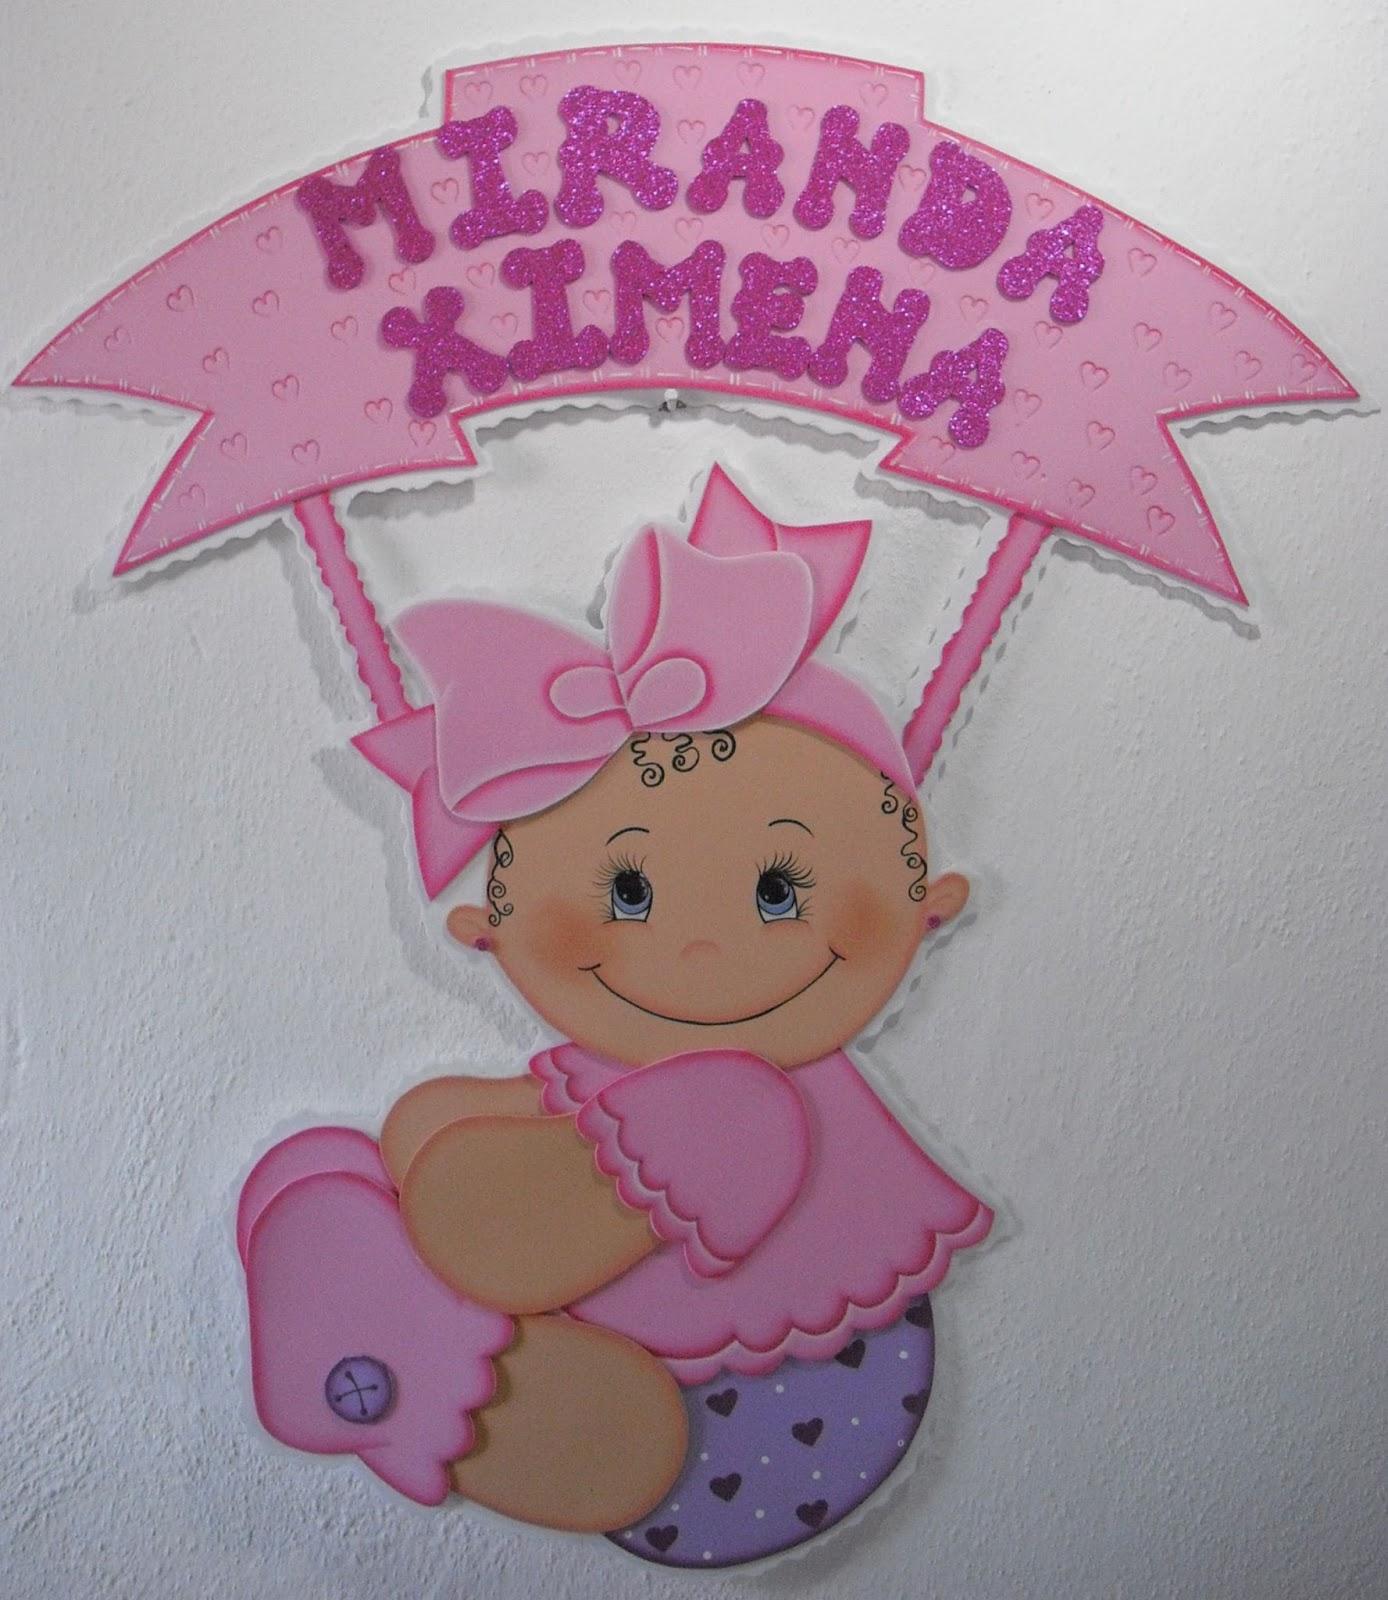 Bienvenidas para bebé en foami - Imagui